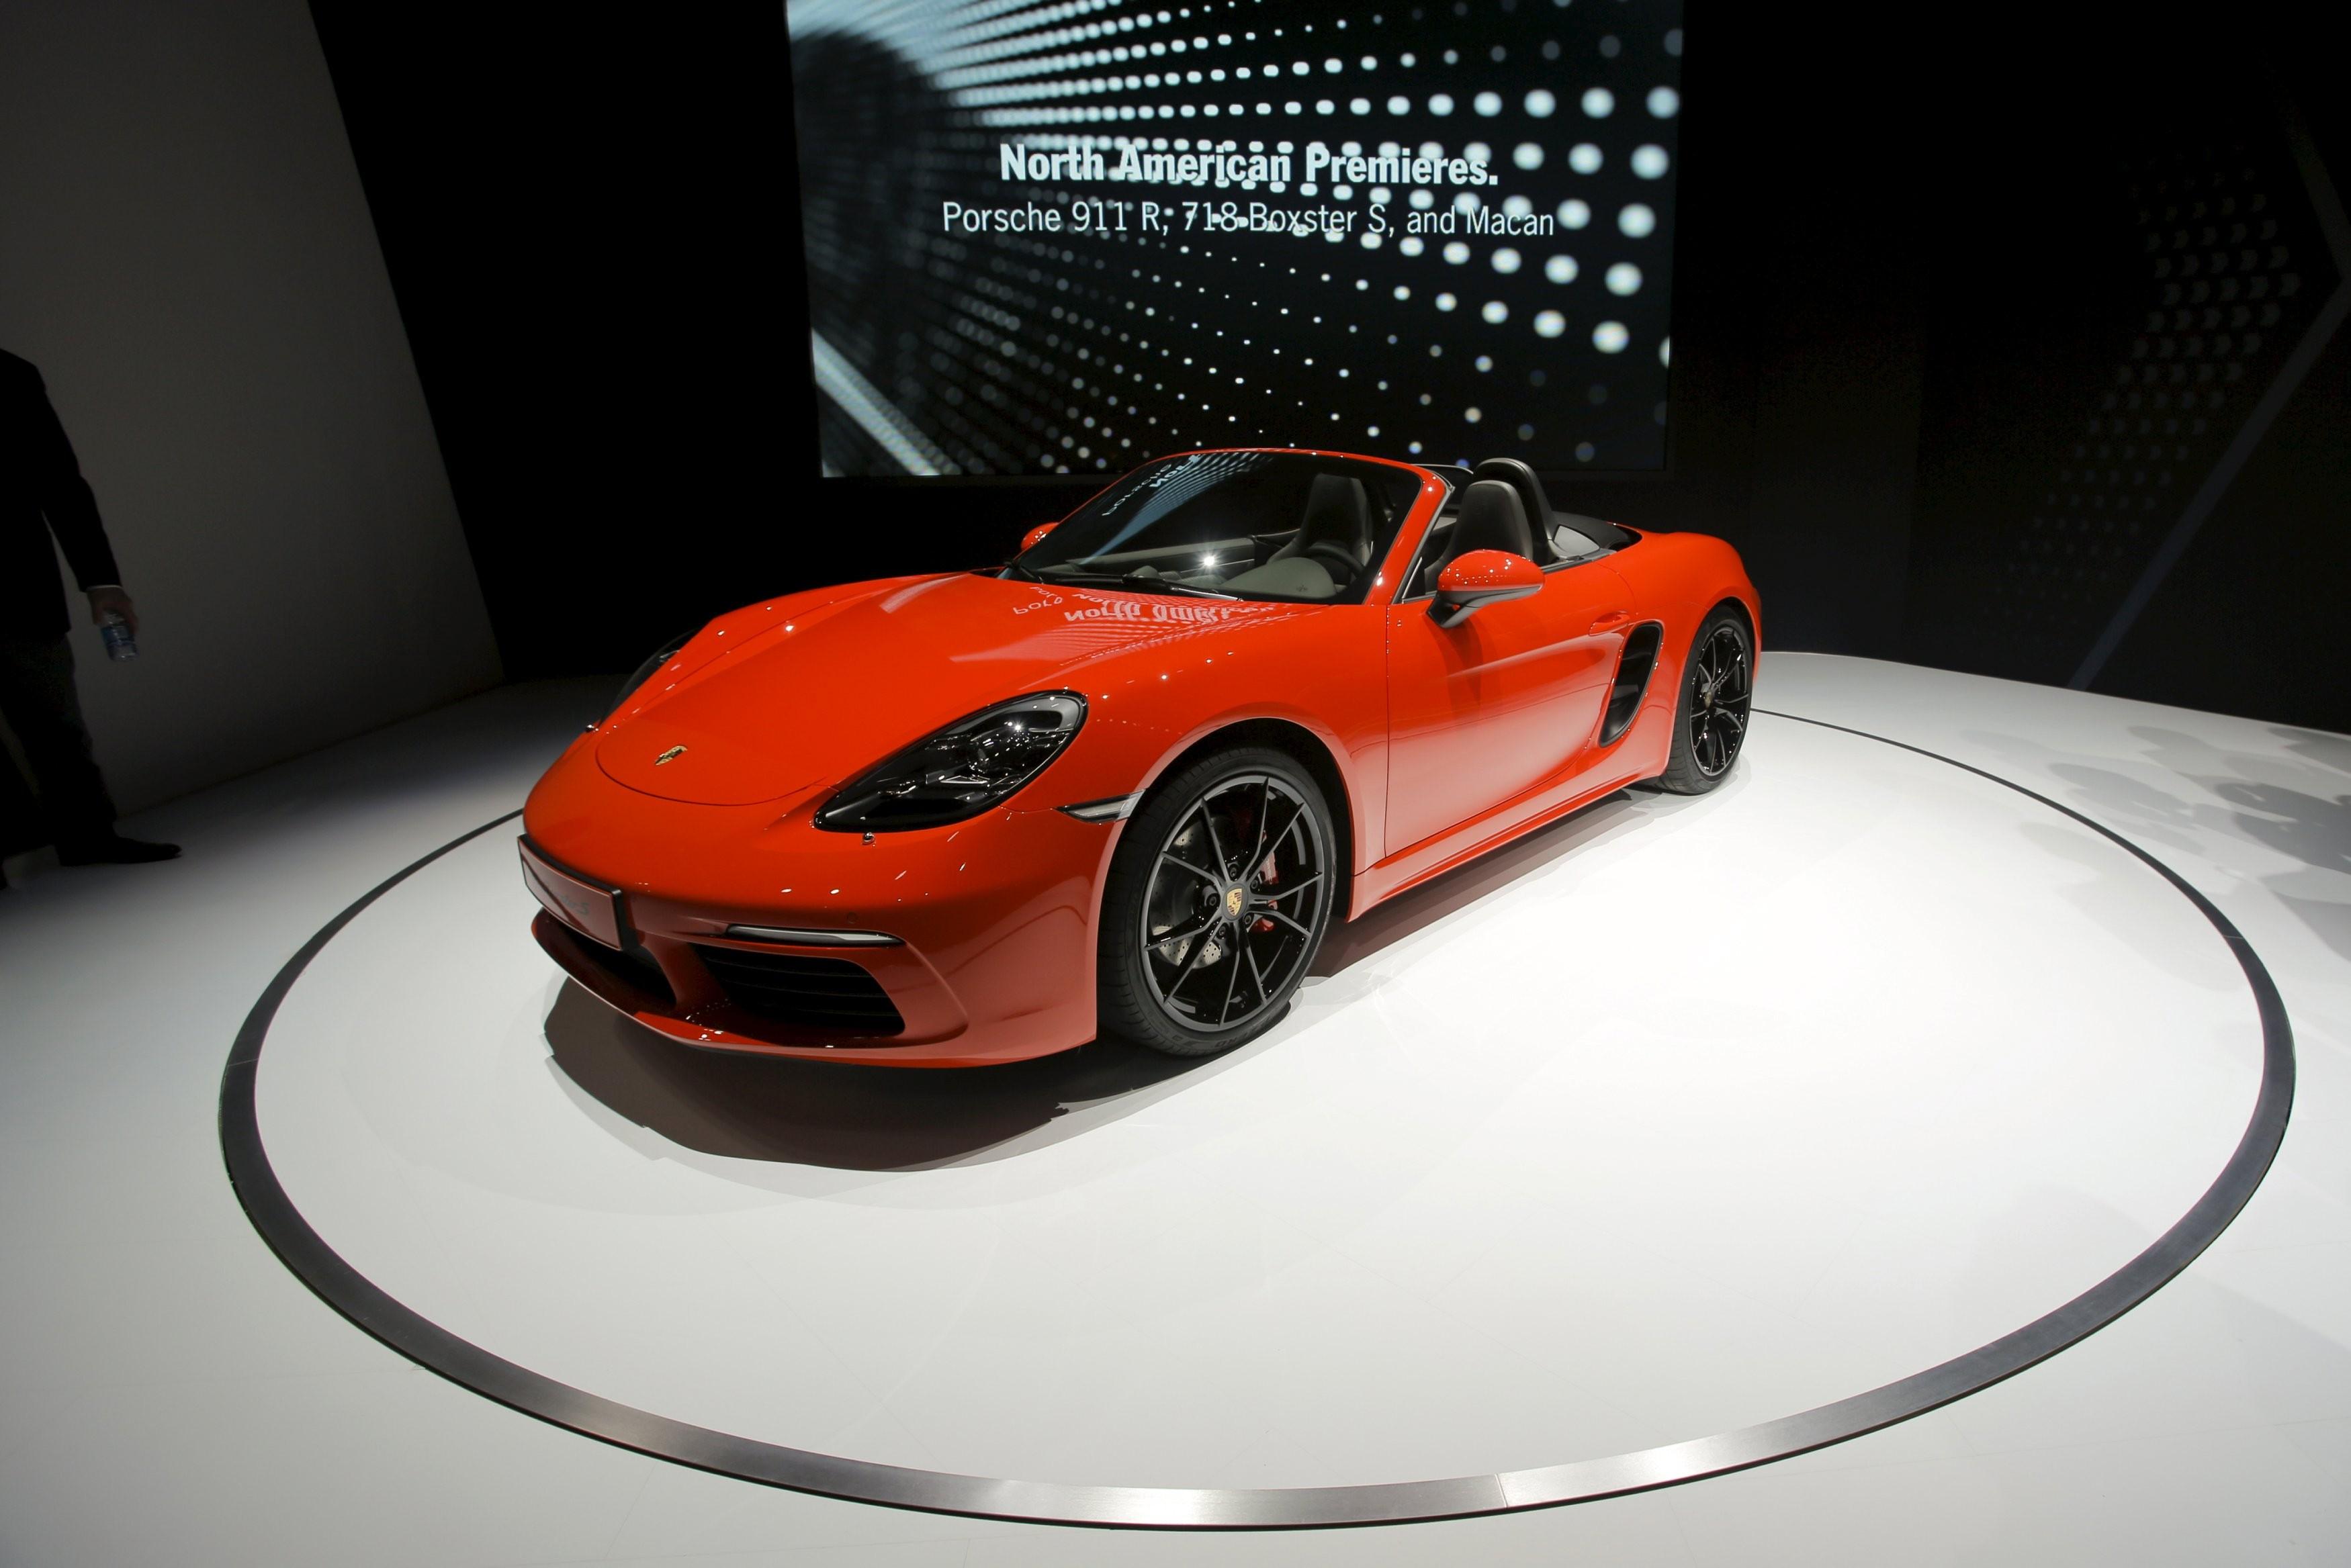 Porsche faz recall em 6 modelos por falha em airbag